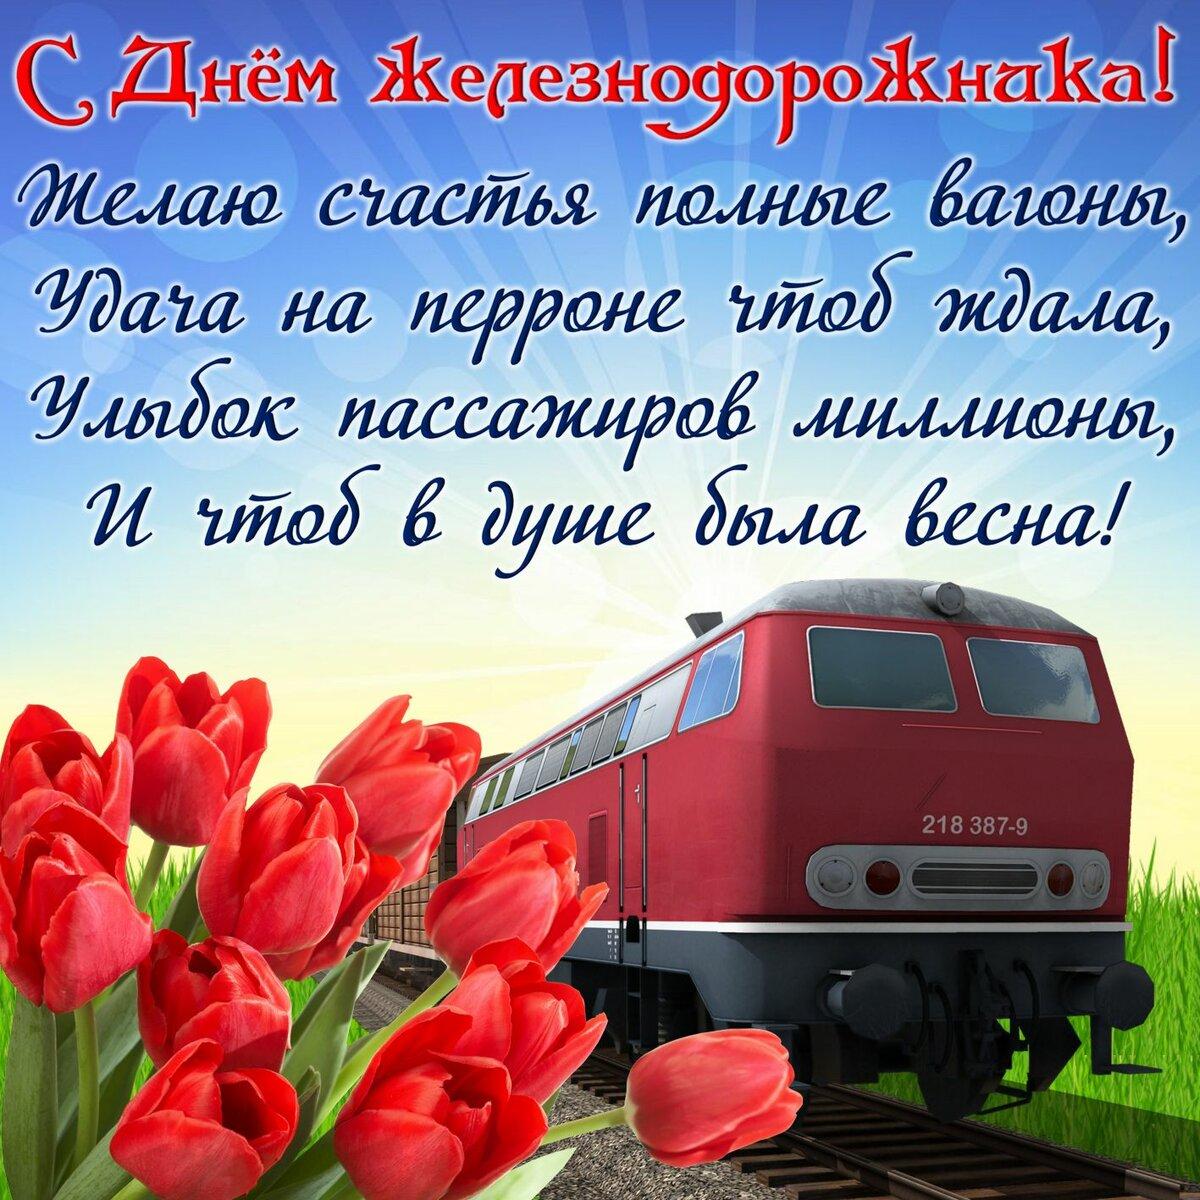 Красивые короткие поздравления с днем железнодорожника